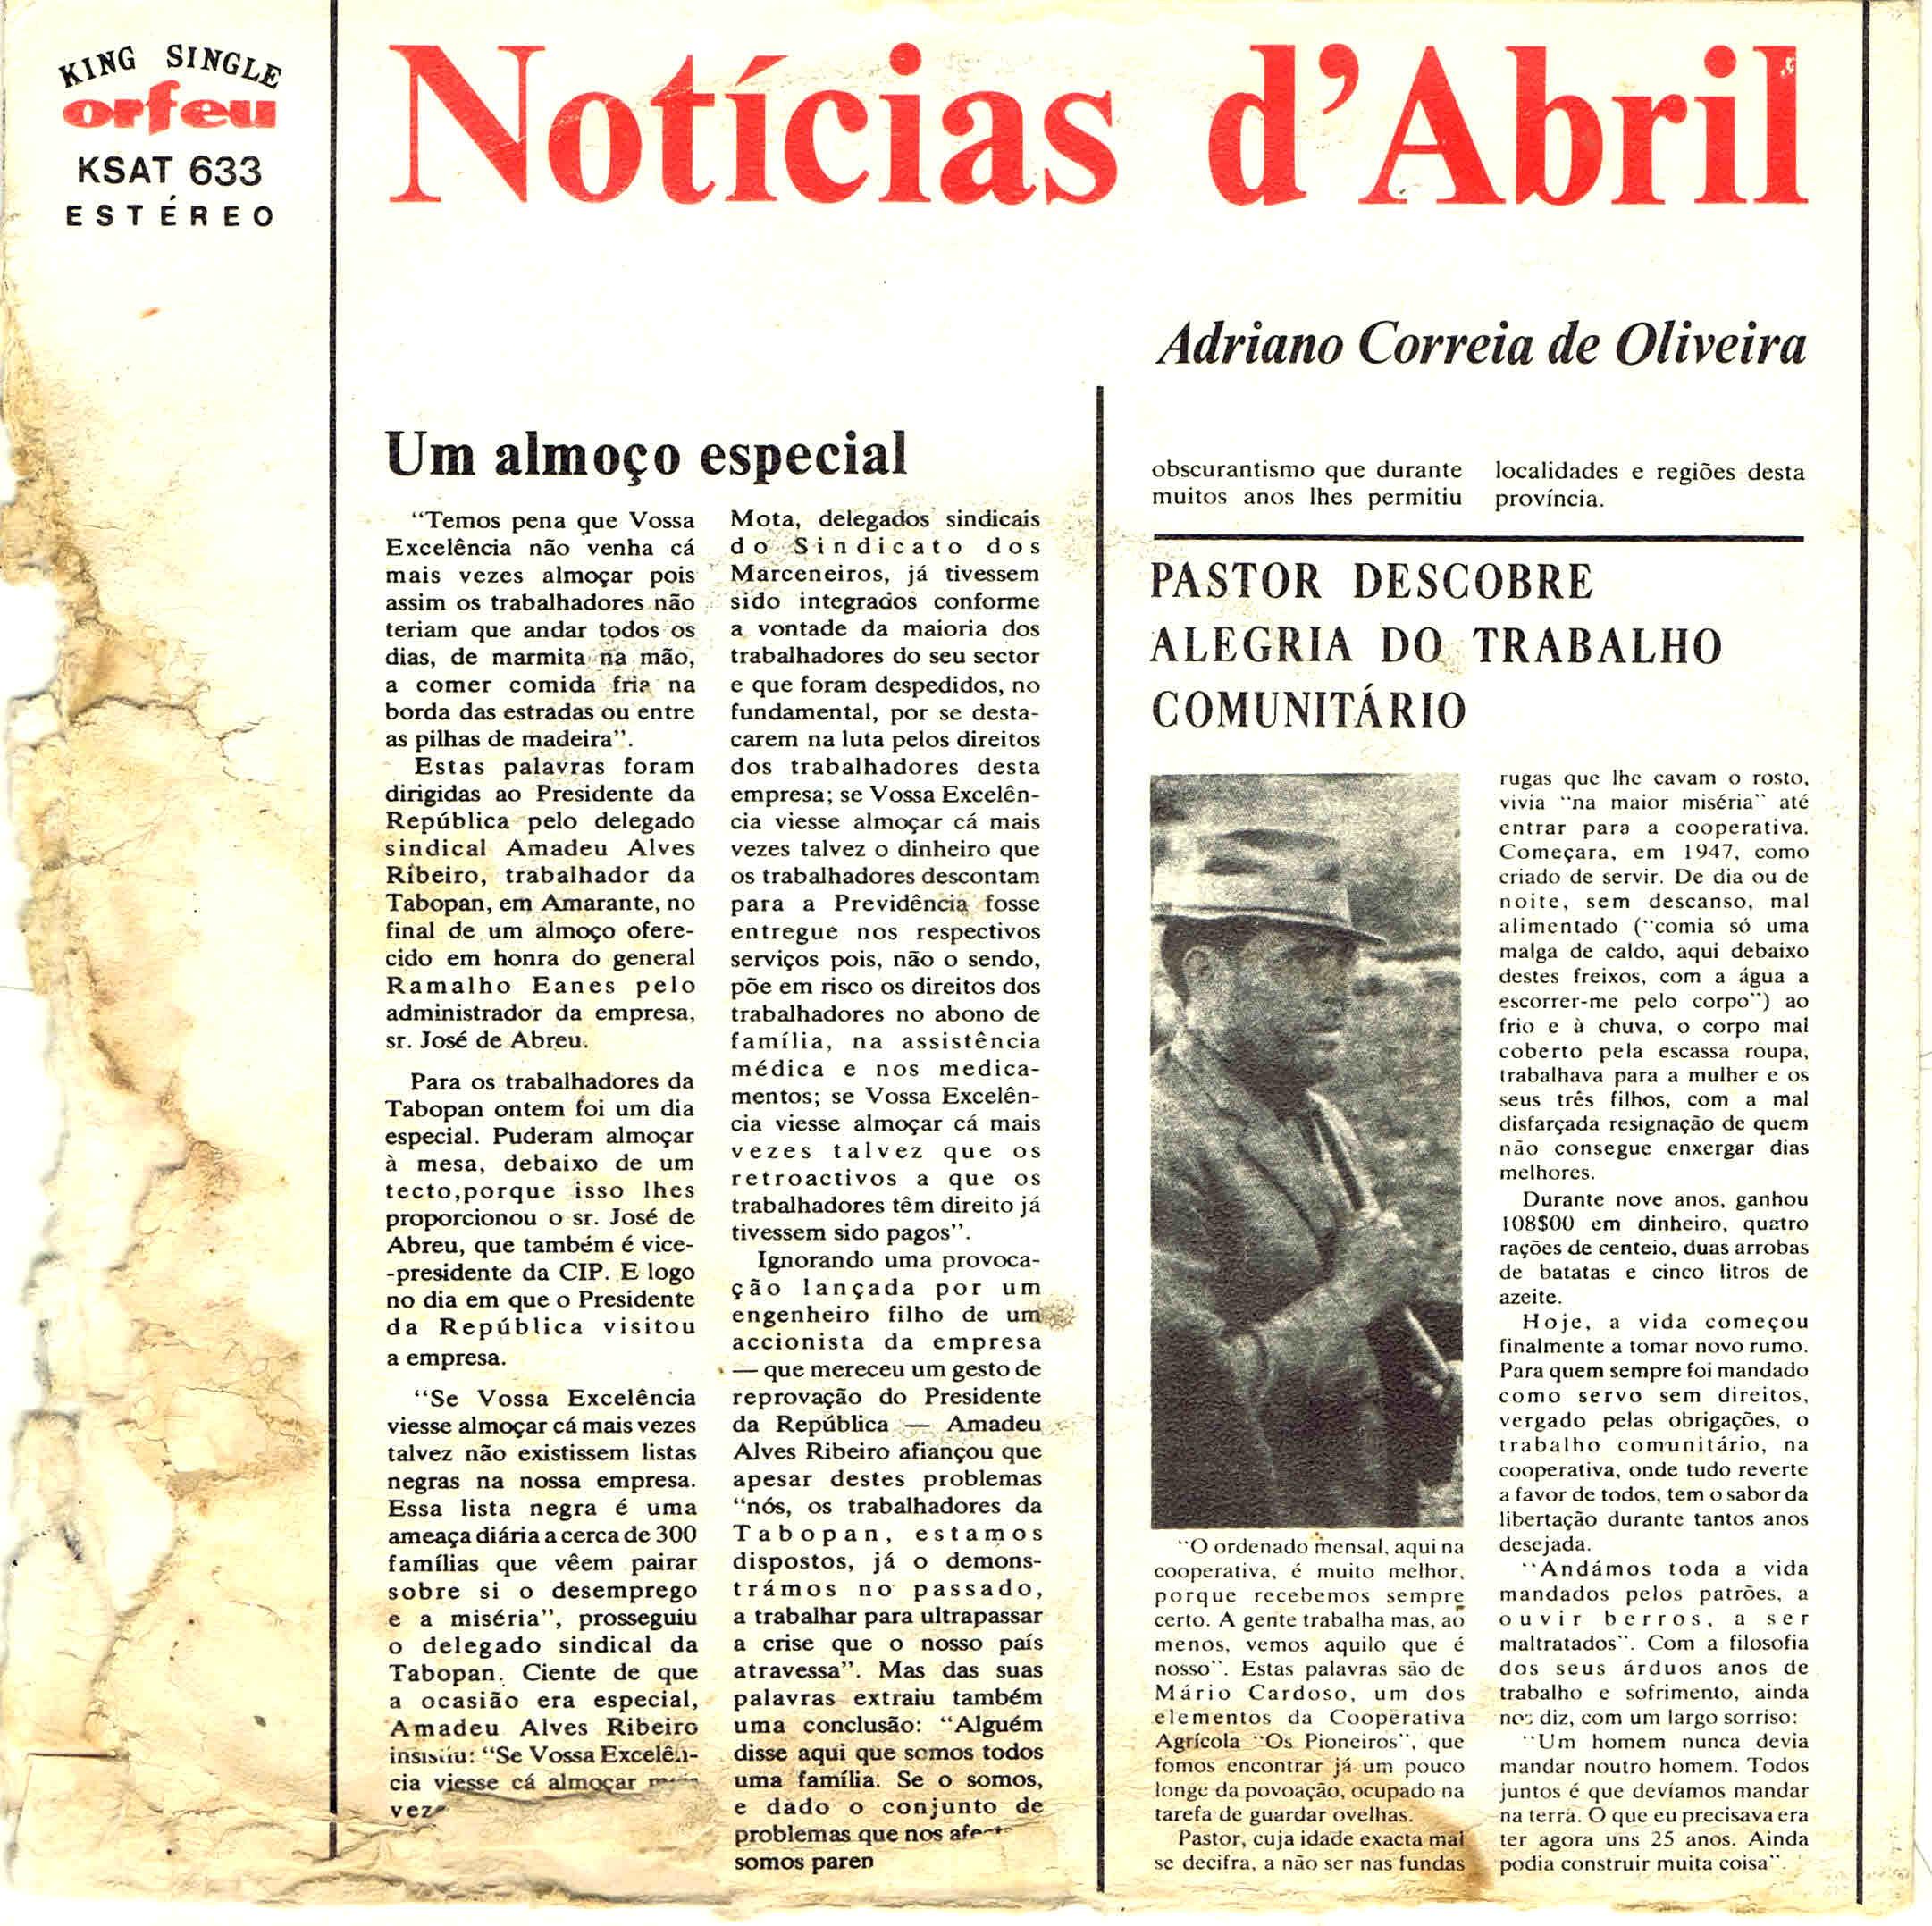 adriano correia de oliveira noticias de abril fr